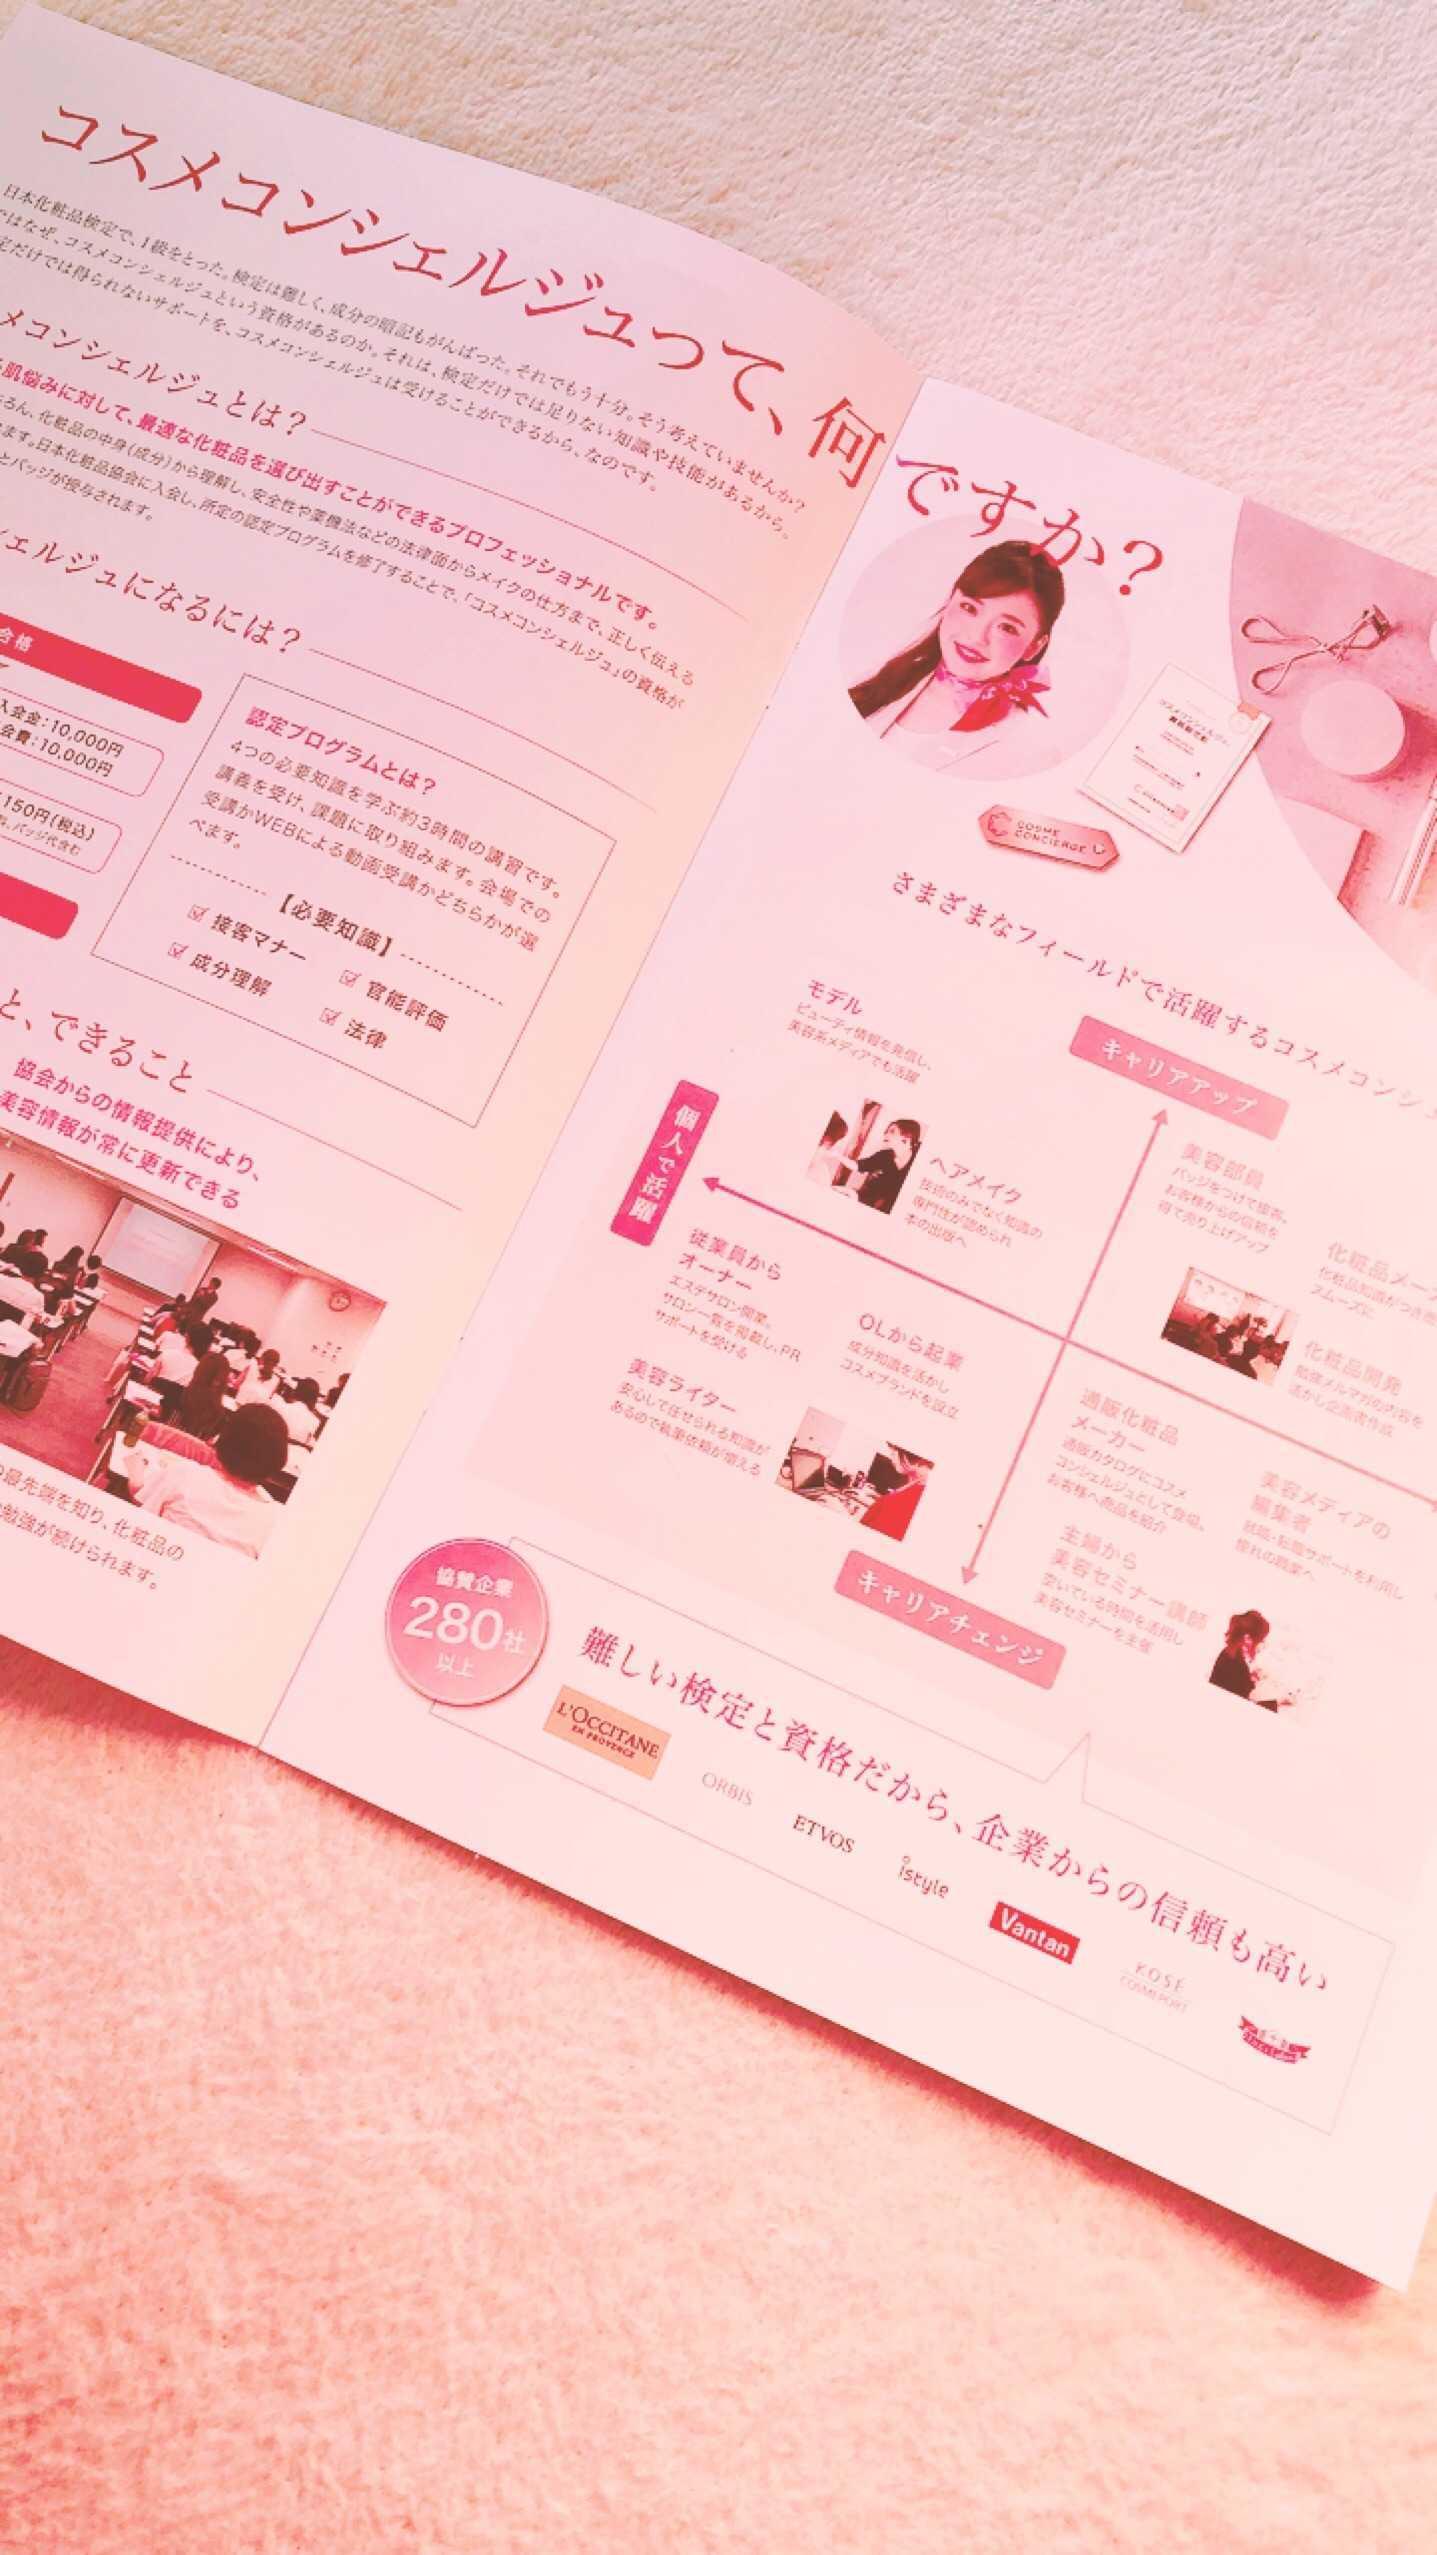 f:id:asaasakorokoro:20200105161716j:image